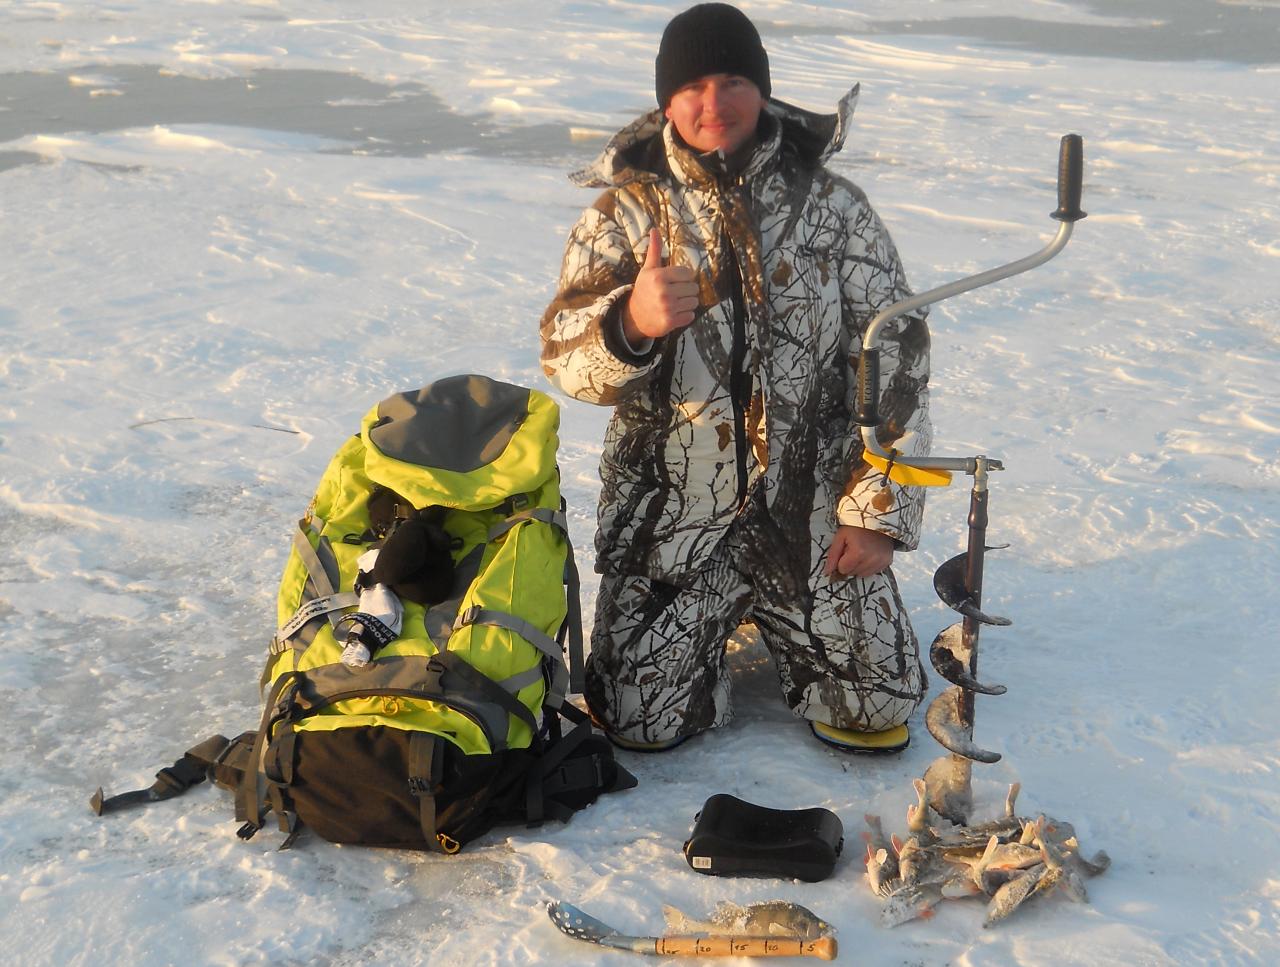 Ловля щуки на спиннинг в декабре: поиск места обитания, выбор снастей и приманки для рыбалки на открытой воде